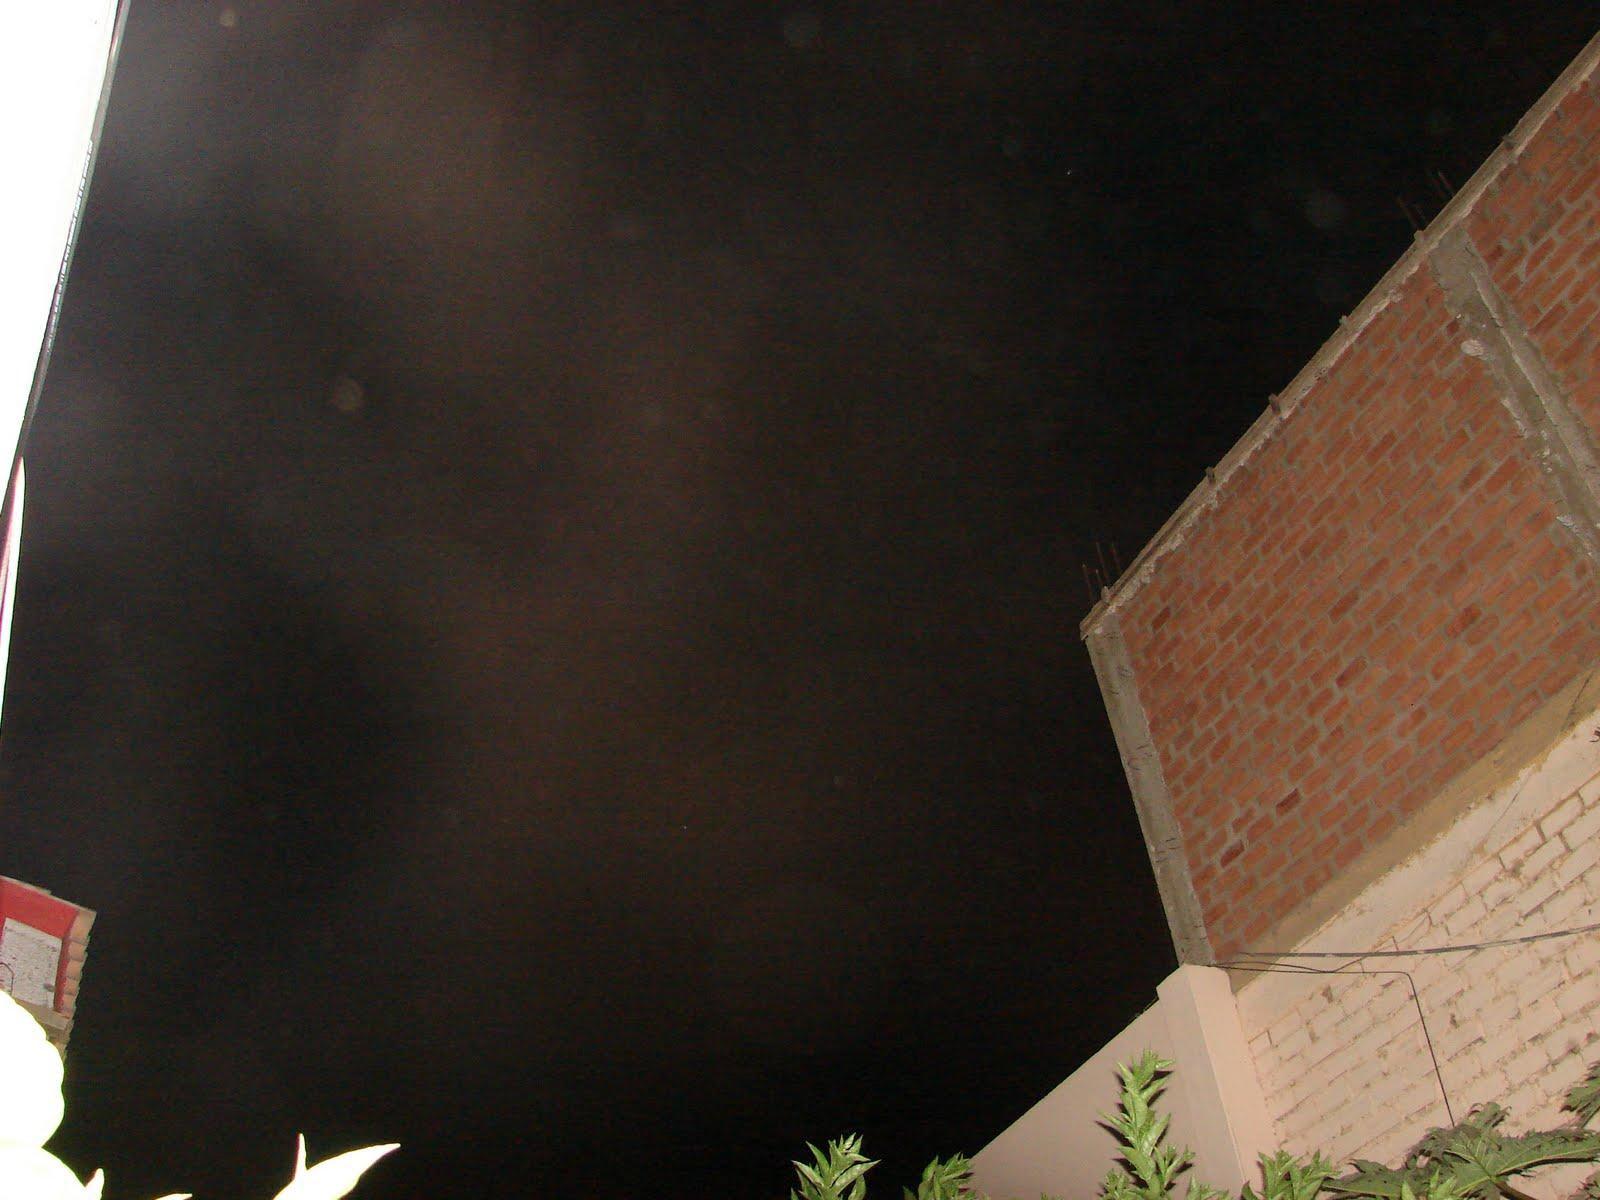 Atencion-10-septiembre-11-12-13-14...2011 avistamiento ´´X´´rojisa,en Cielo,mensajes,sec,ufo...